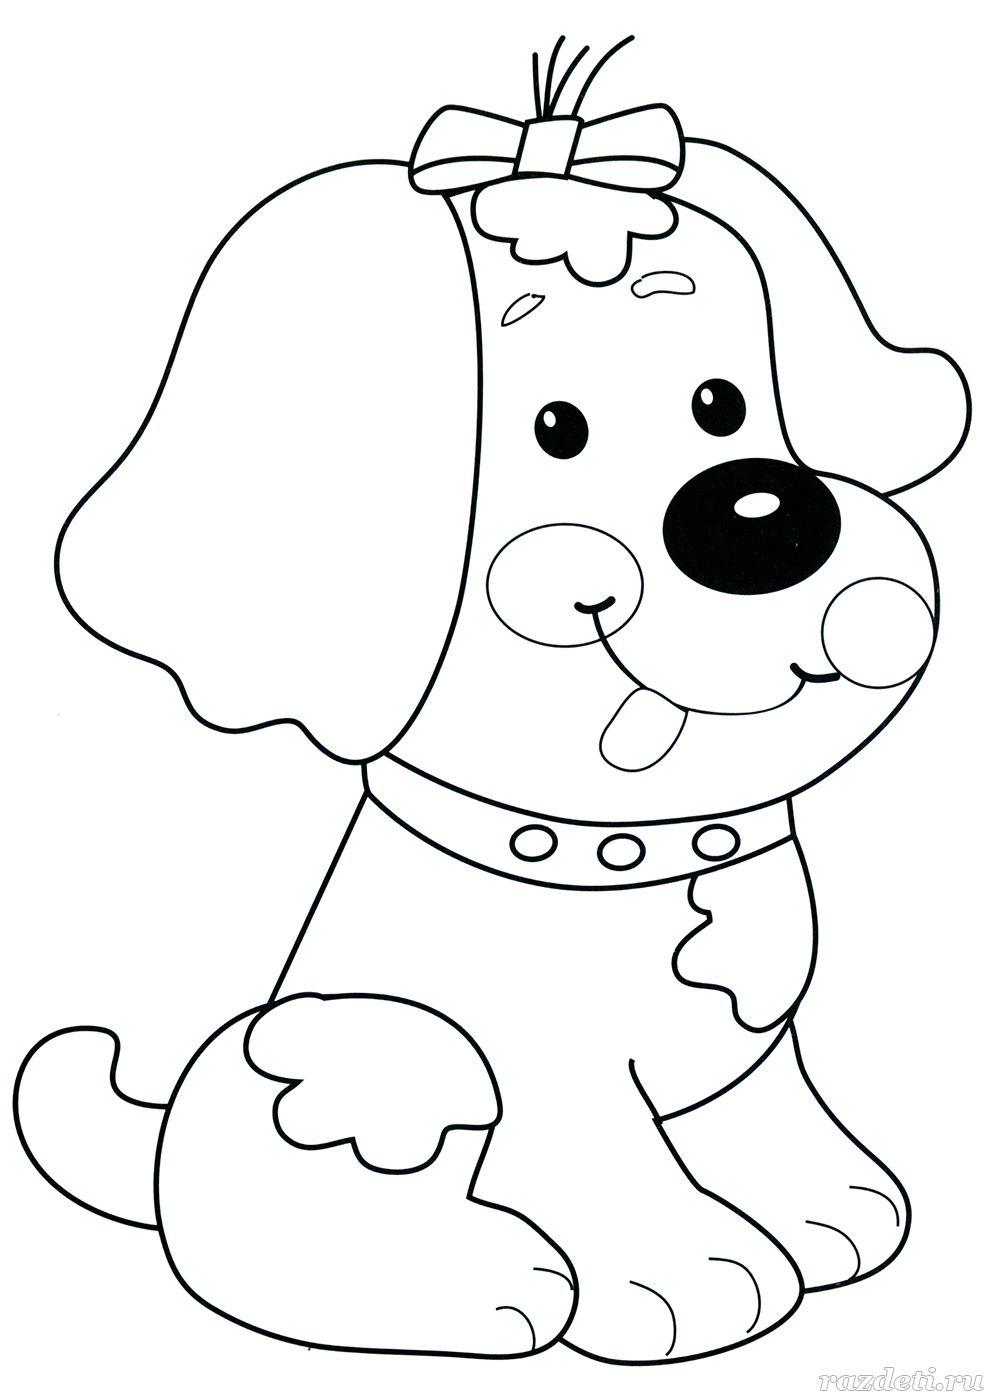 раскраски для детей домашние животные распечатать бесплатно